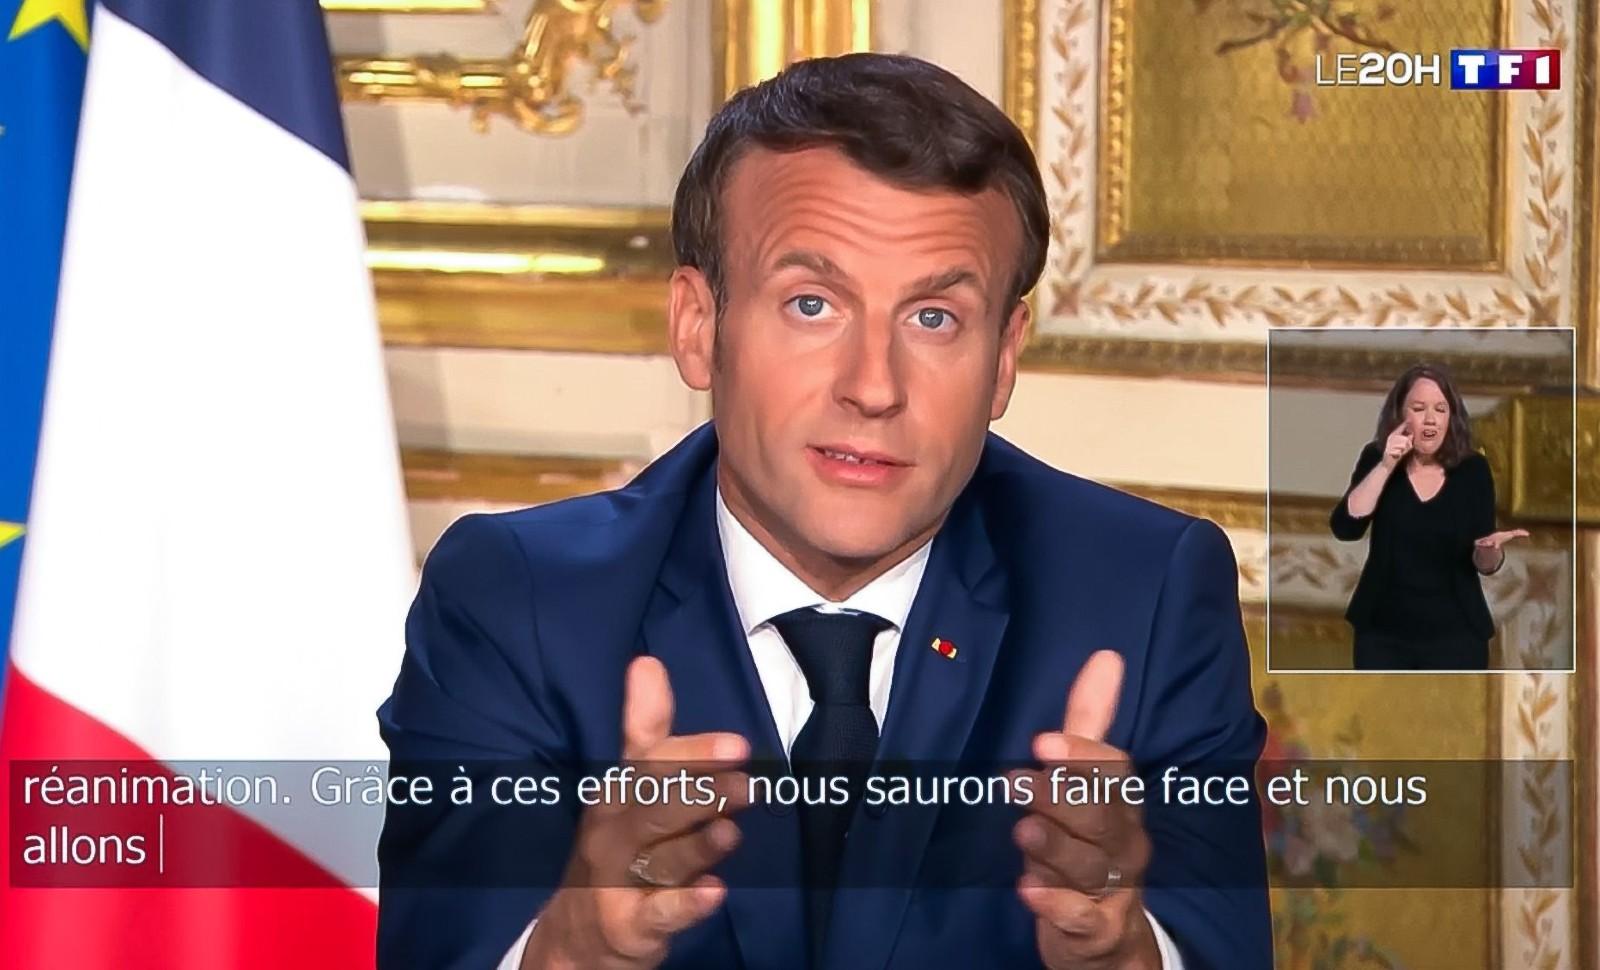 Allocution télévisée d'Emmanuel Macron, le 13 avril 2020 © Jacques Witt/SIPA Numéro de reportage: 00955772_000009